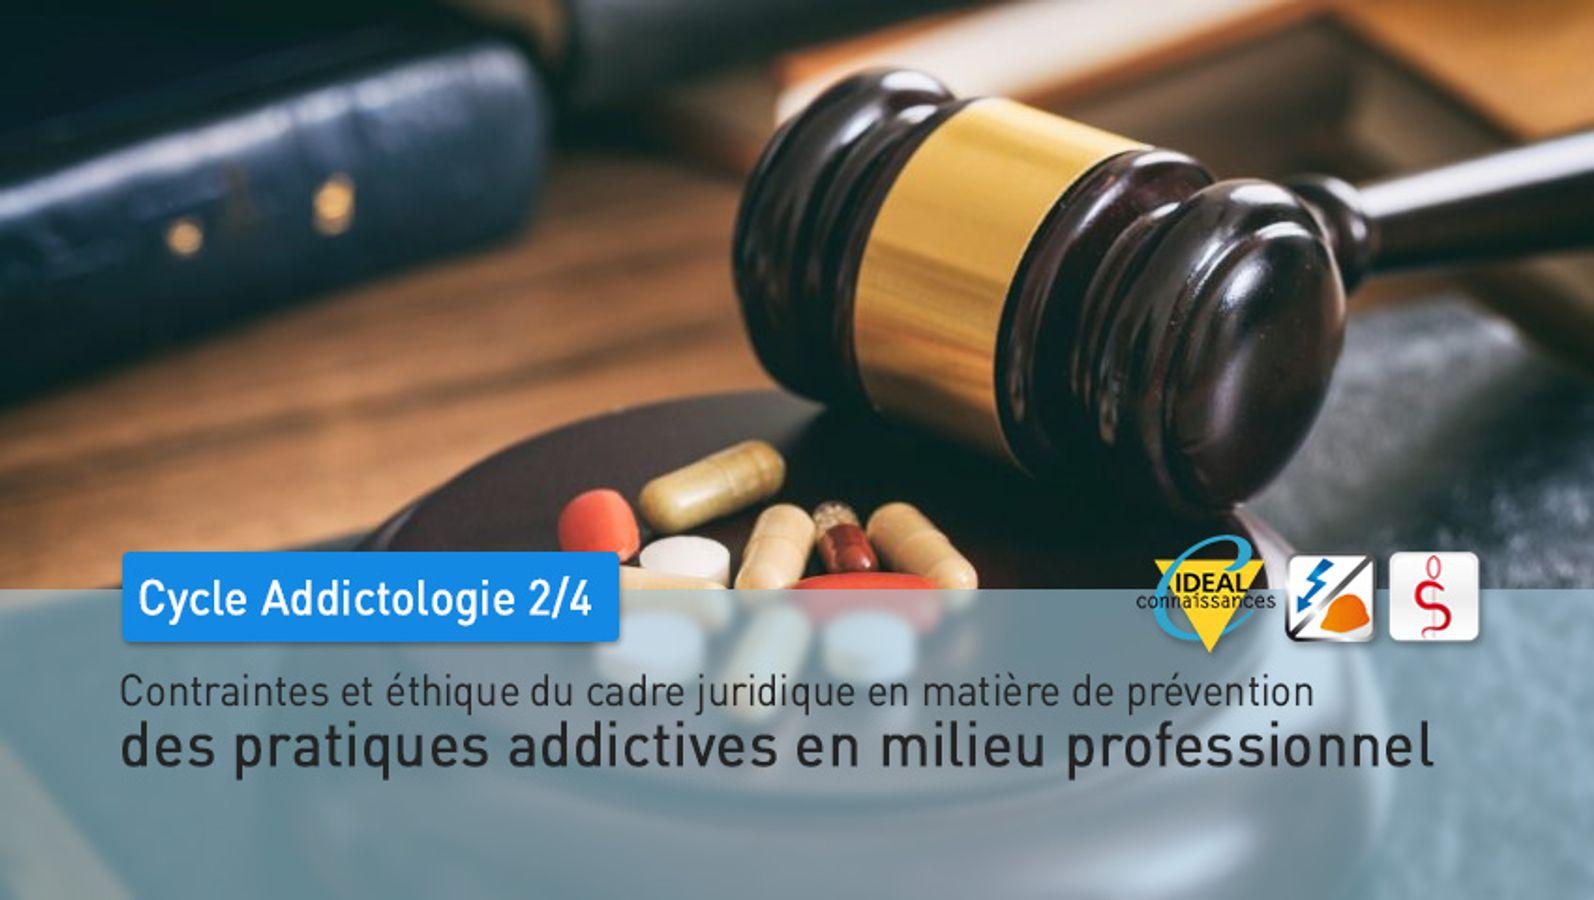 Cycle Addictologie - 2/4 - Contraintes et éthique du cadre juridique en matière de prévention des pratiques addictives en milieu professionnel